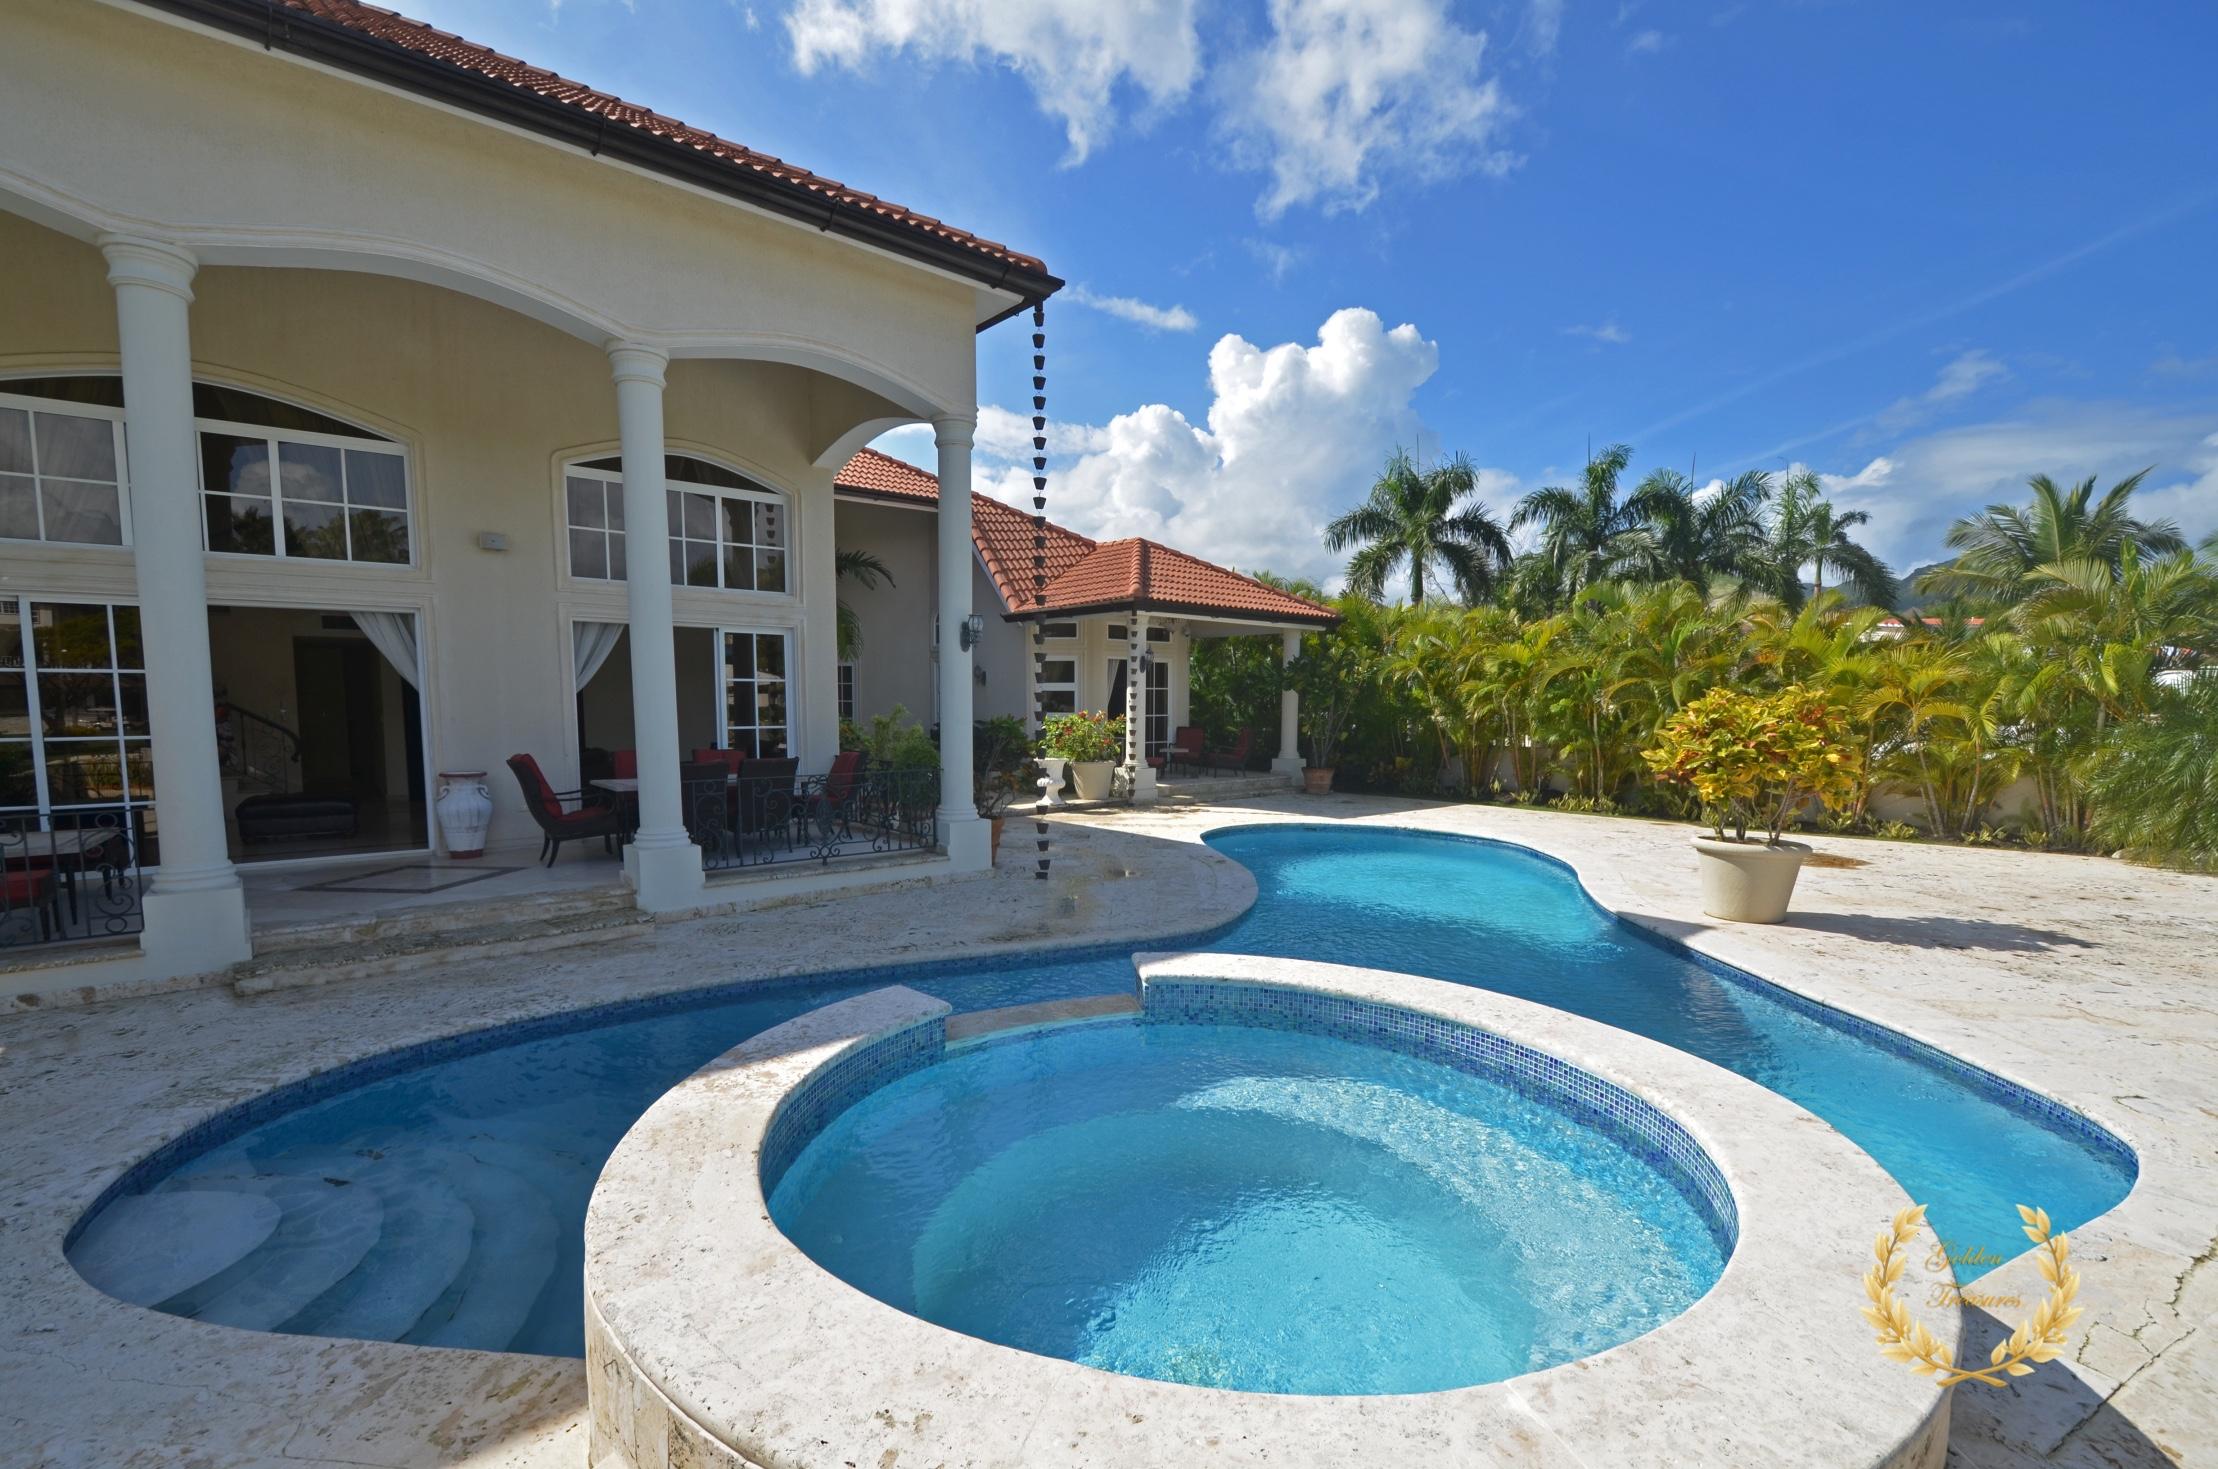 6 Bedroom Villa For Rent in Cofresi, Puerto Plata